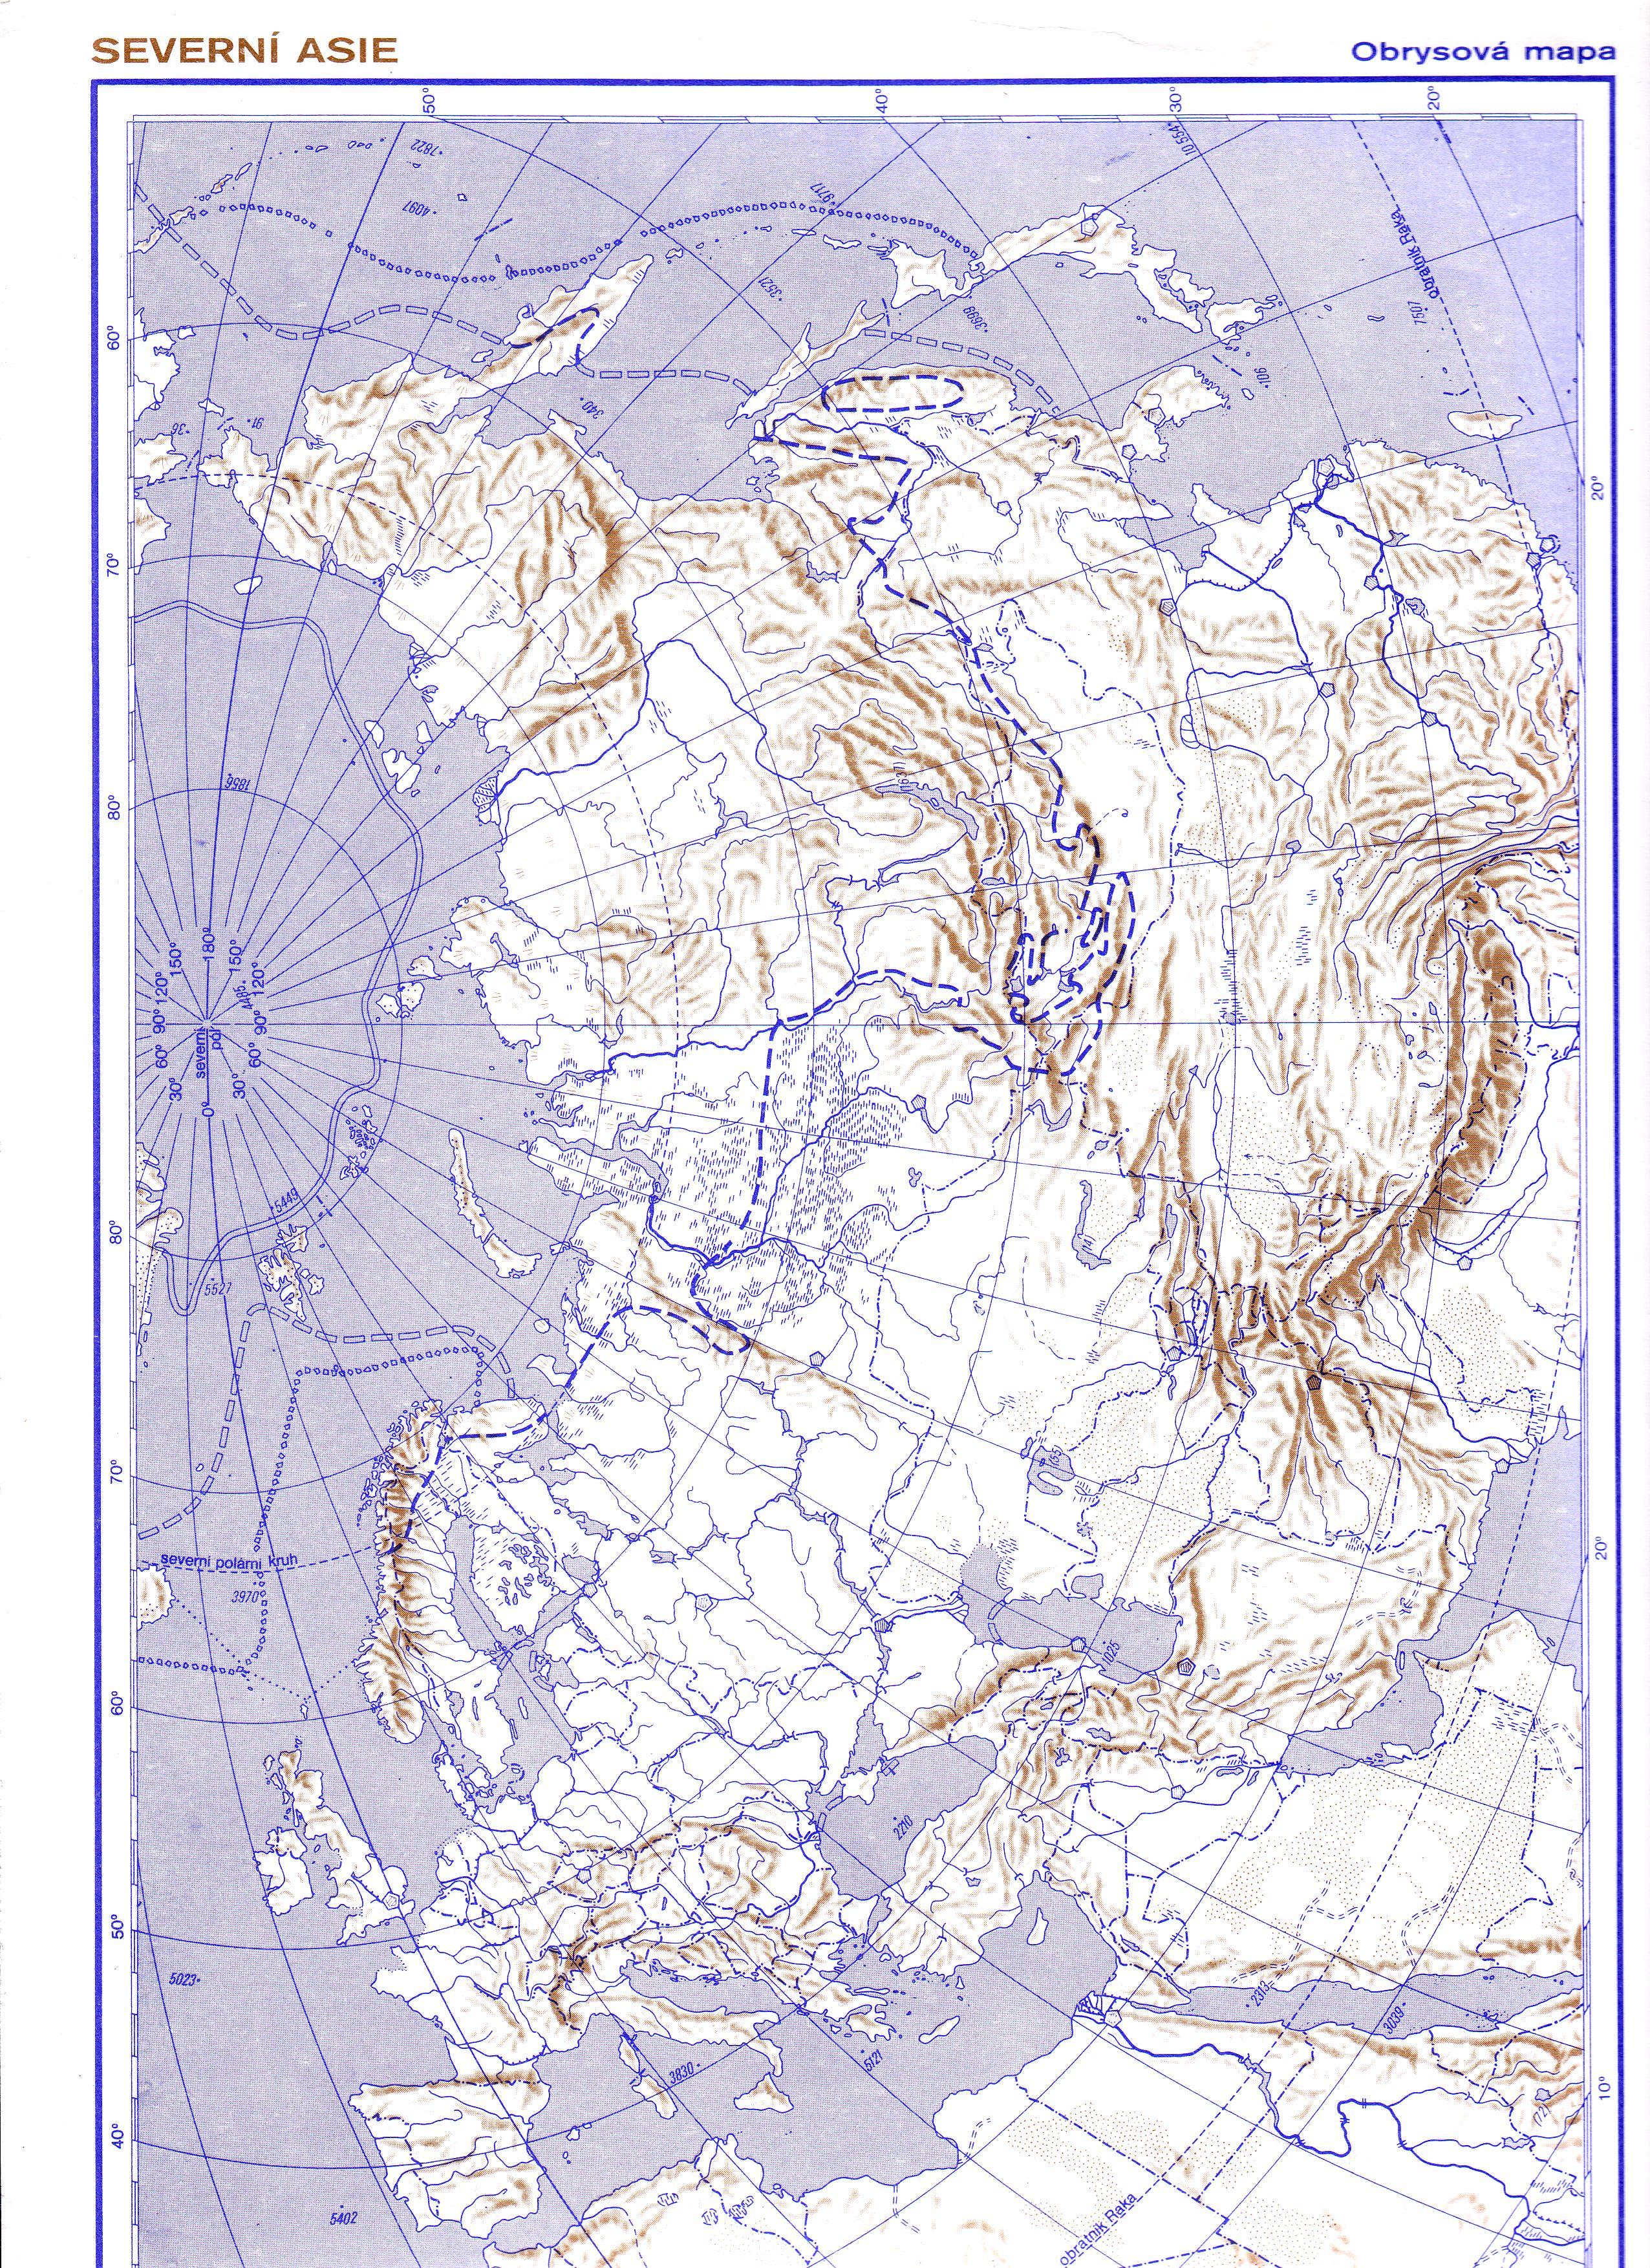 Asie Obecne Zemepisna Mapa Shopkabinet Cz